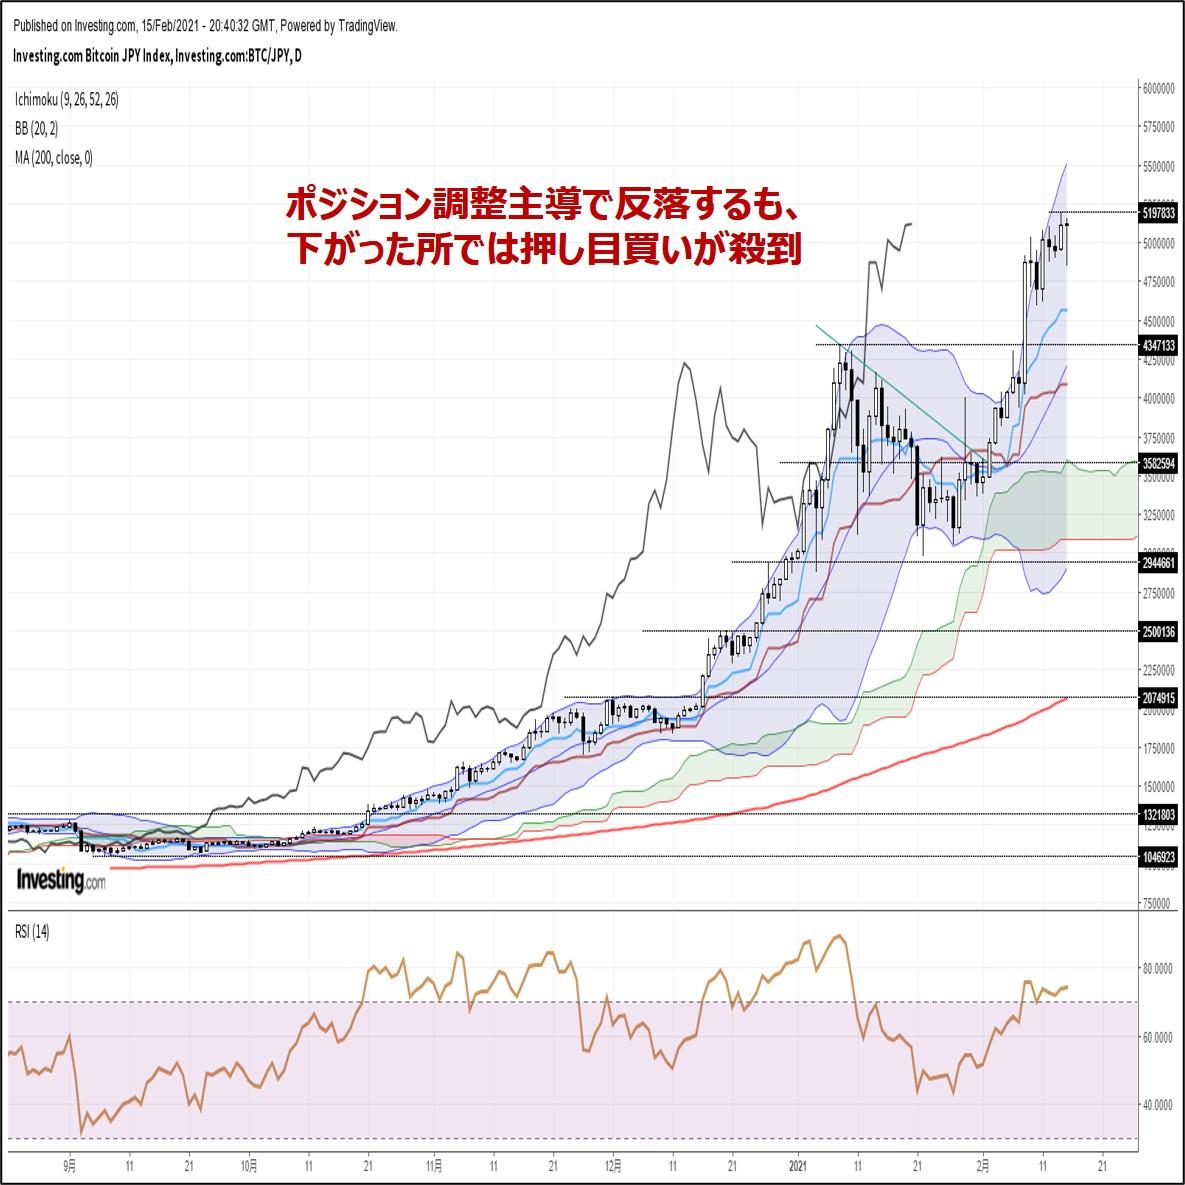 ビットコイン円、ポジション調整主導で反落するも下がった所では押し目買い殺到